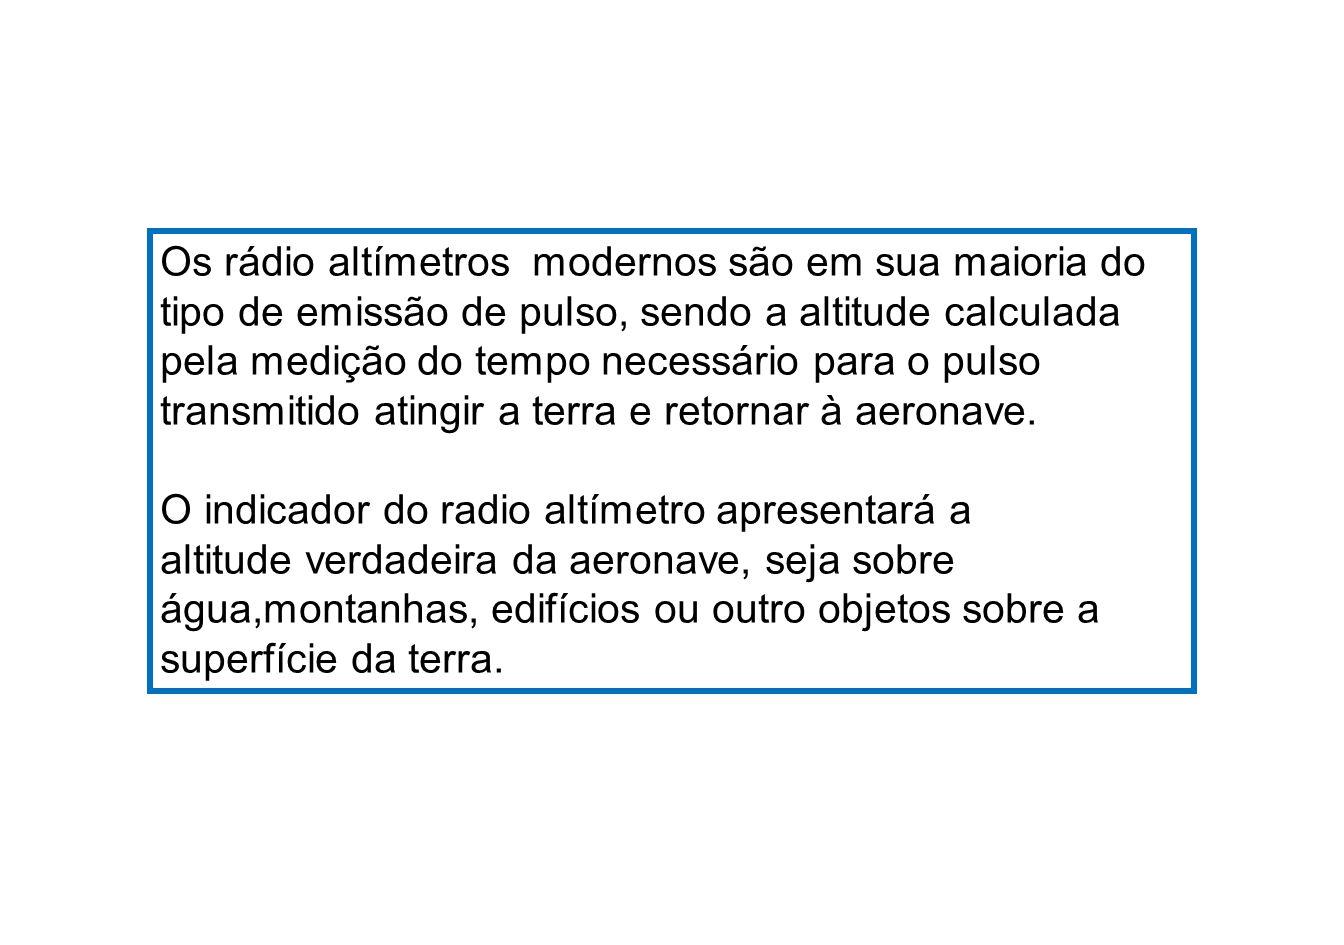 Os rádio altímetros modernos são em sua maioria do tipo de emissão de pulso, sendo a altitude calculada